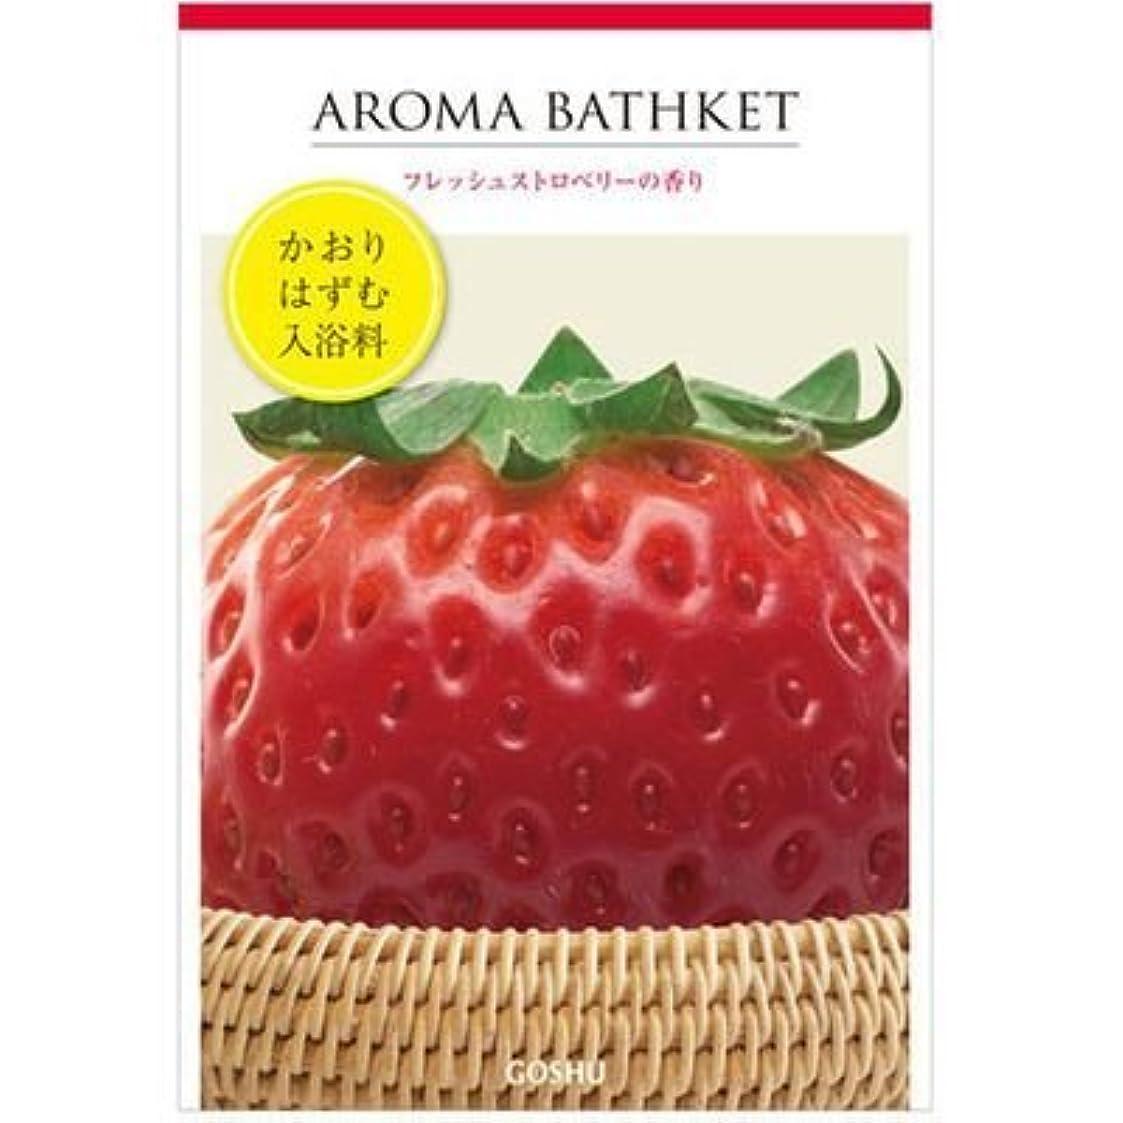 砂利普通に宿題をする五洲薬品 アロマバスケット フレッシュストロベリーの香り 25g E409219H